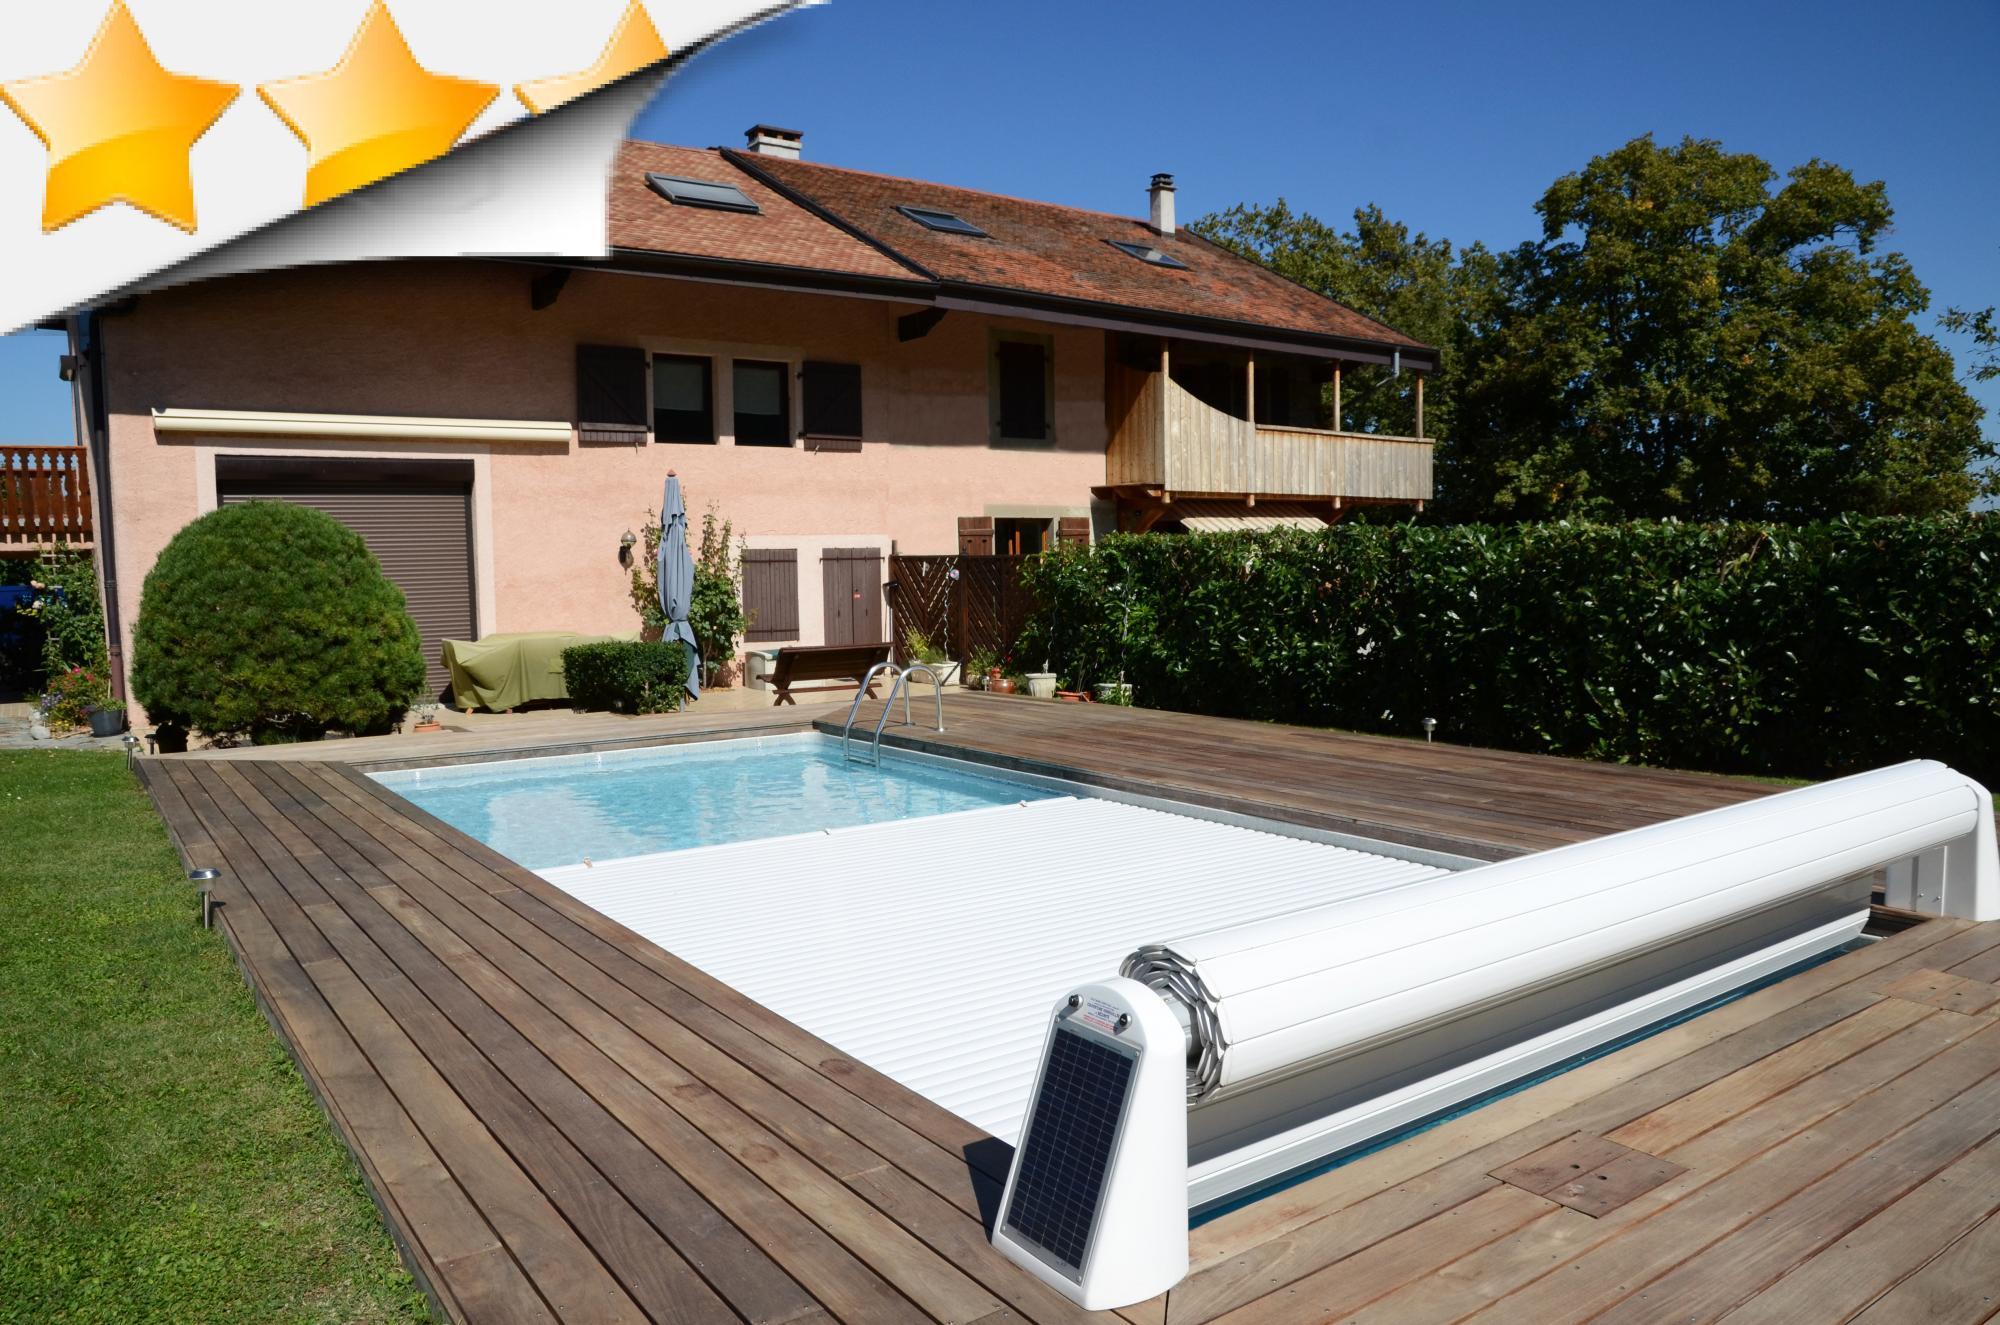 Vente volet de piscine par lpc for Piscine coque loire 42